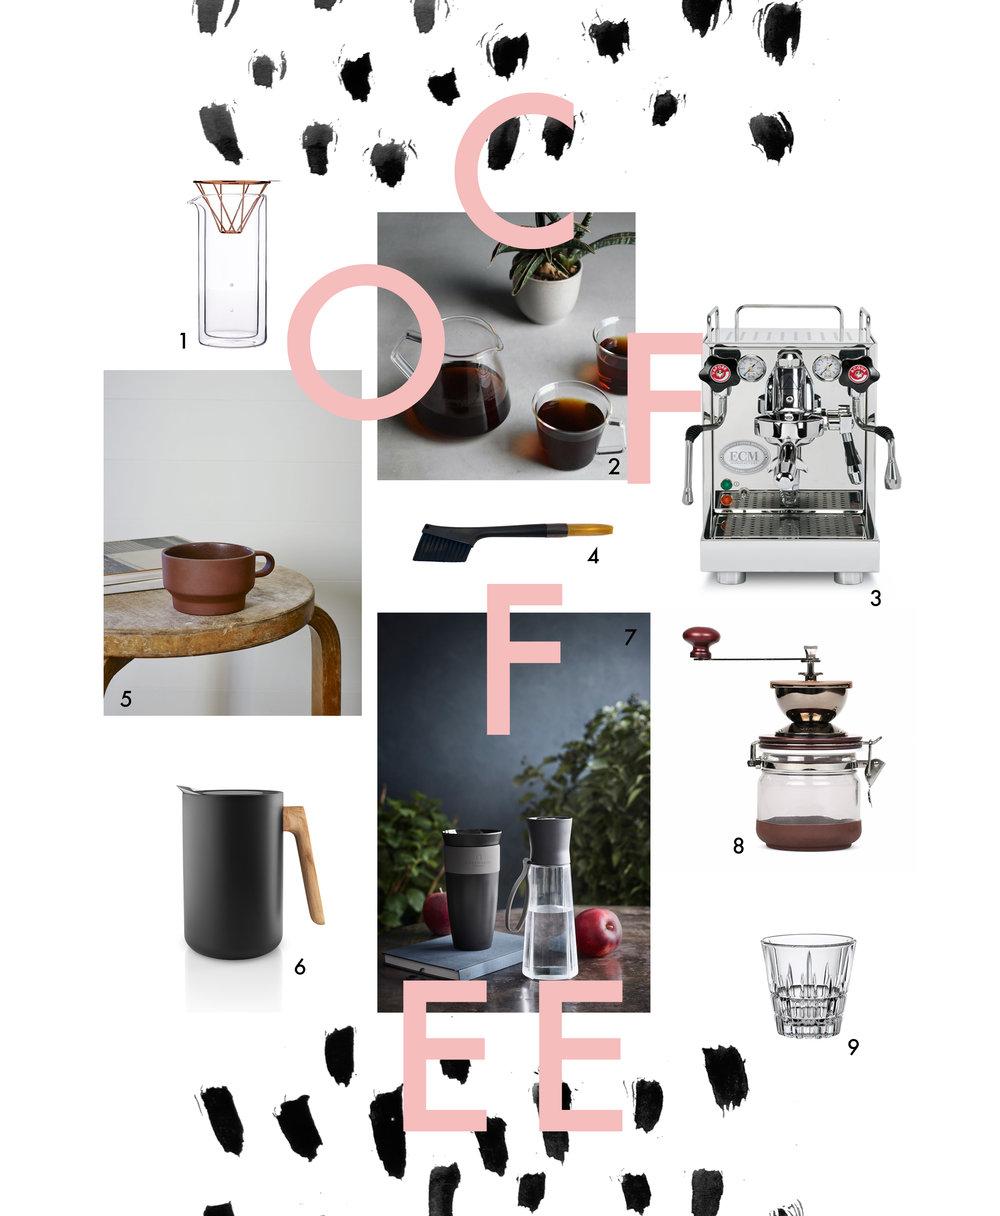 Die schönsten Kaffeeuntensilien